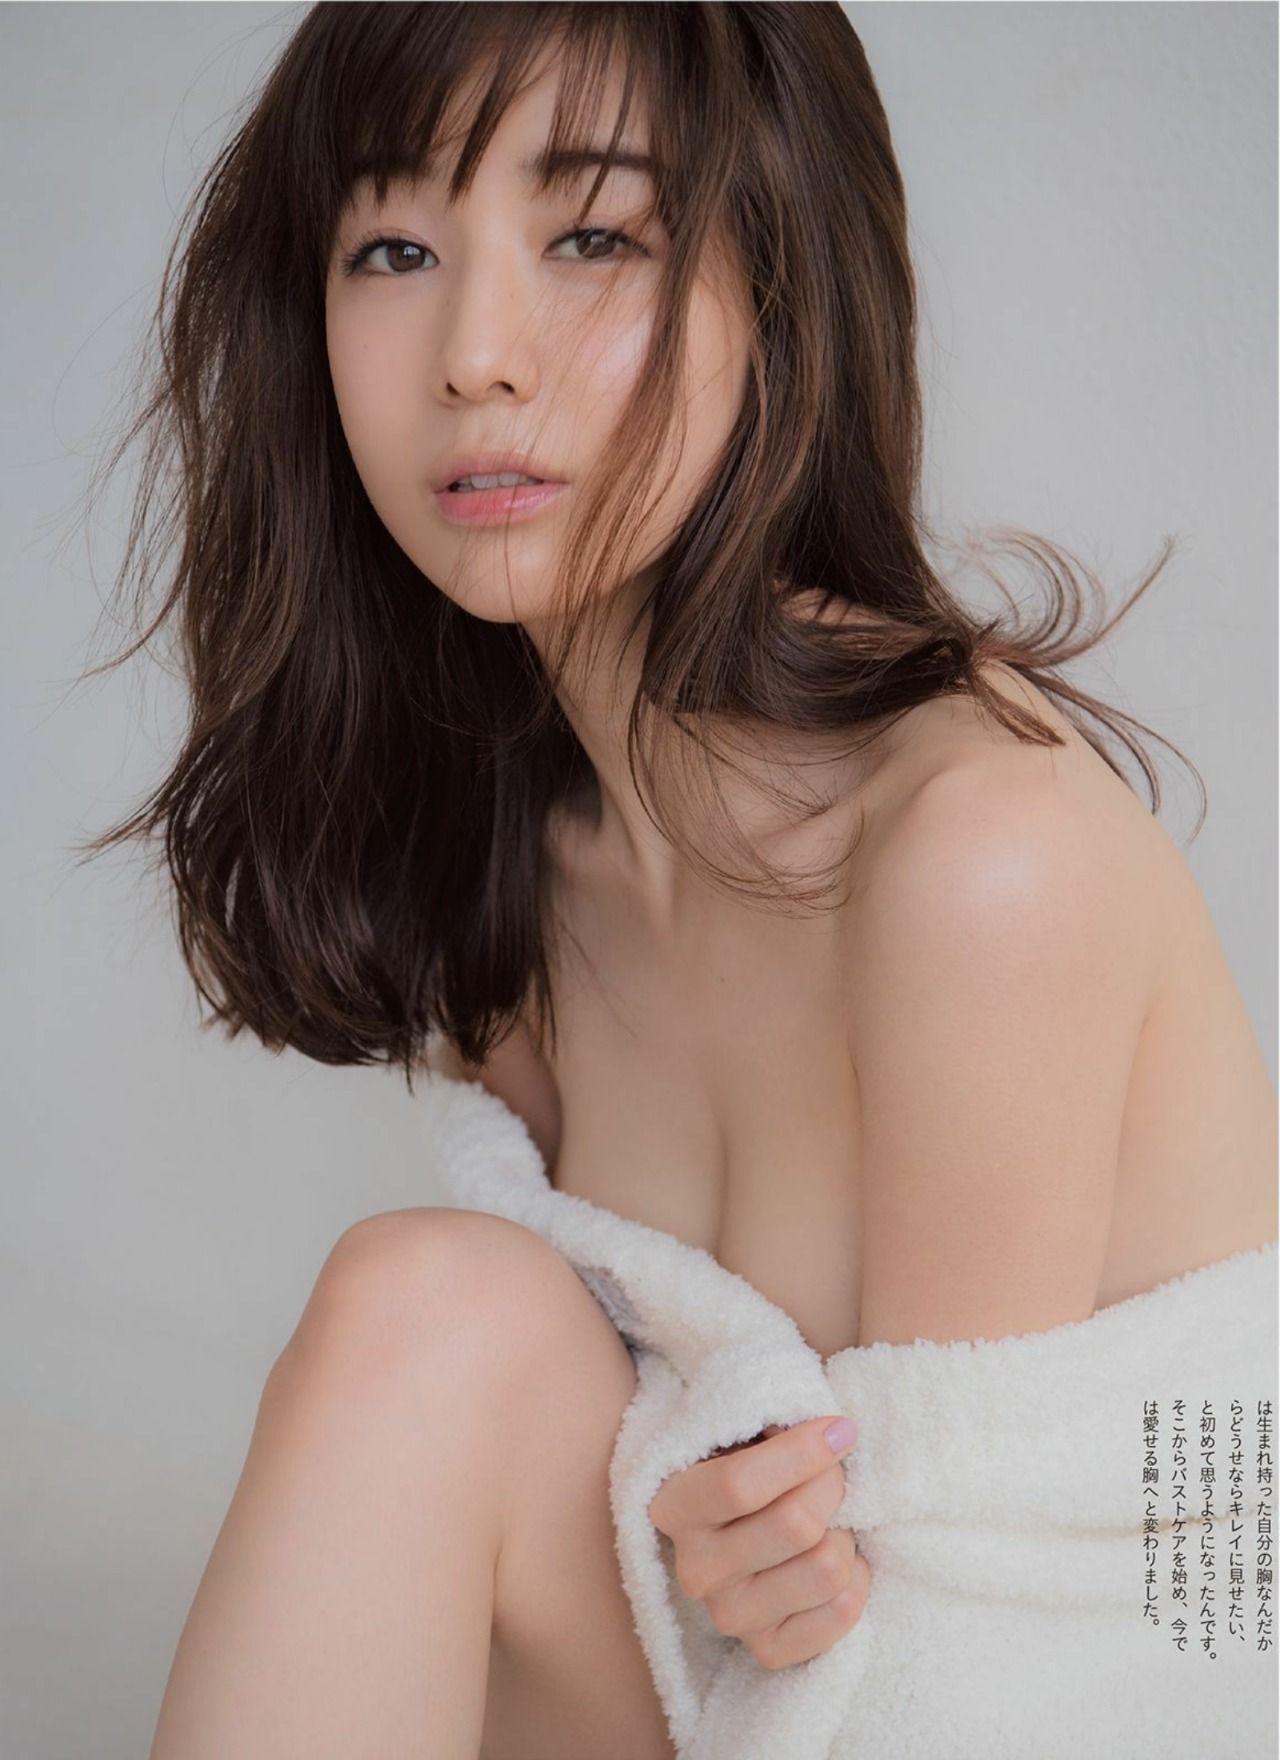 田中みな実 女子アナ pinterest photo products kawaii and nude